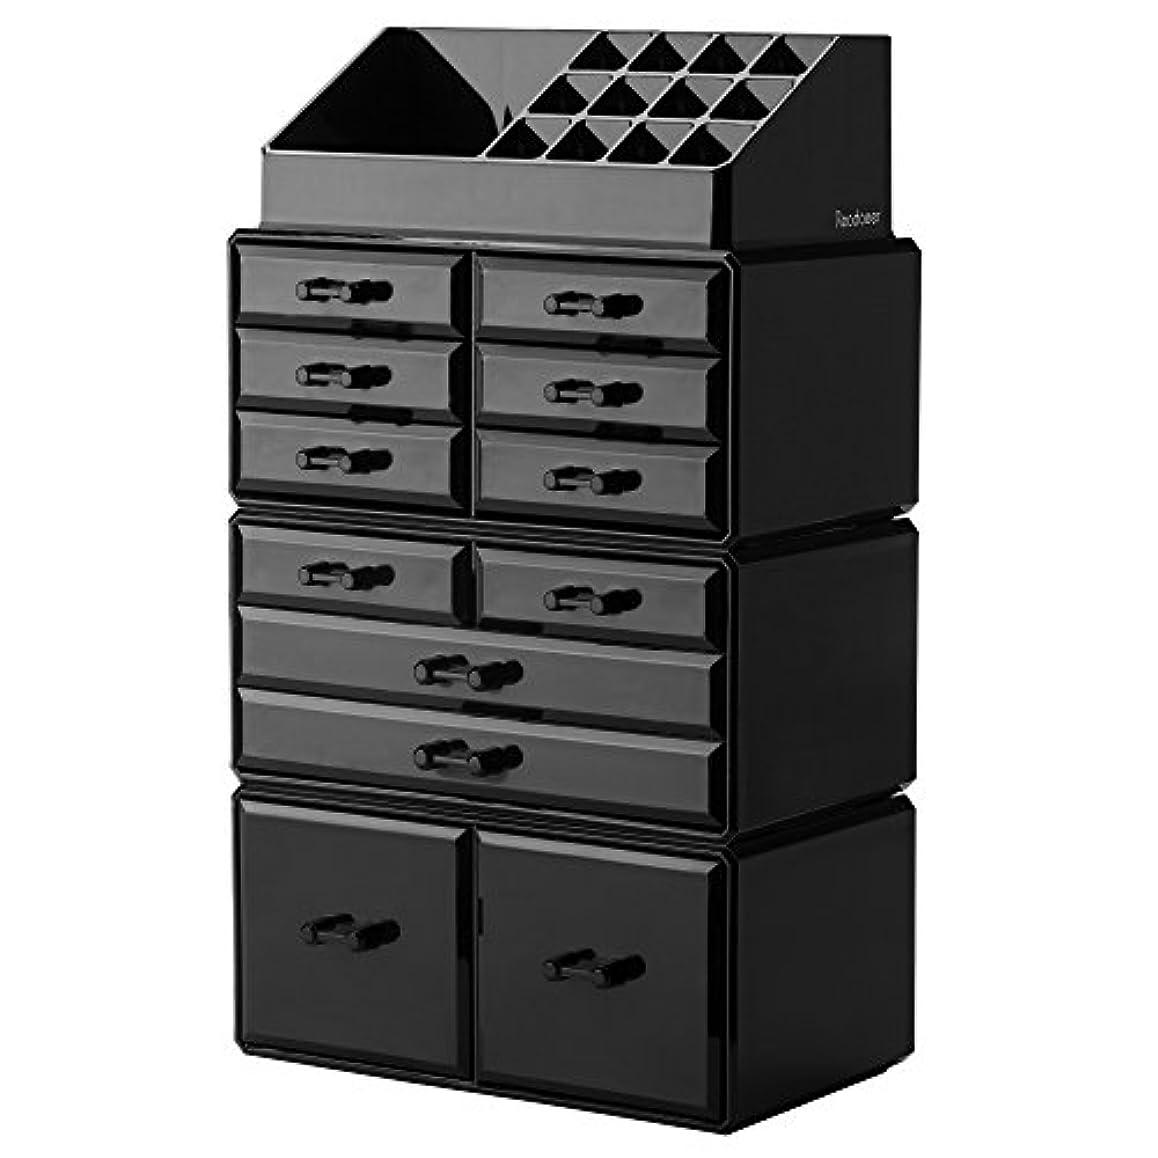 想定するイタリアの把握(Black) - Readaeer Makeup Cosmetic Organiser Storage Drawers Display Boxes Case with 12 Drawers(Black)